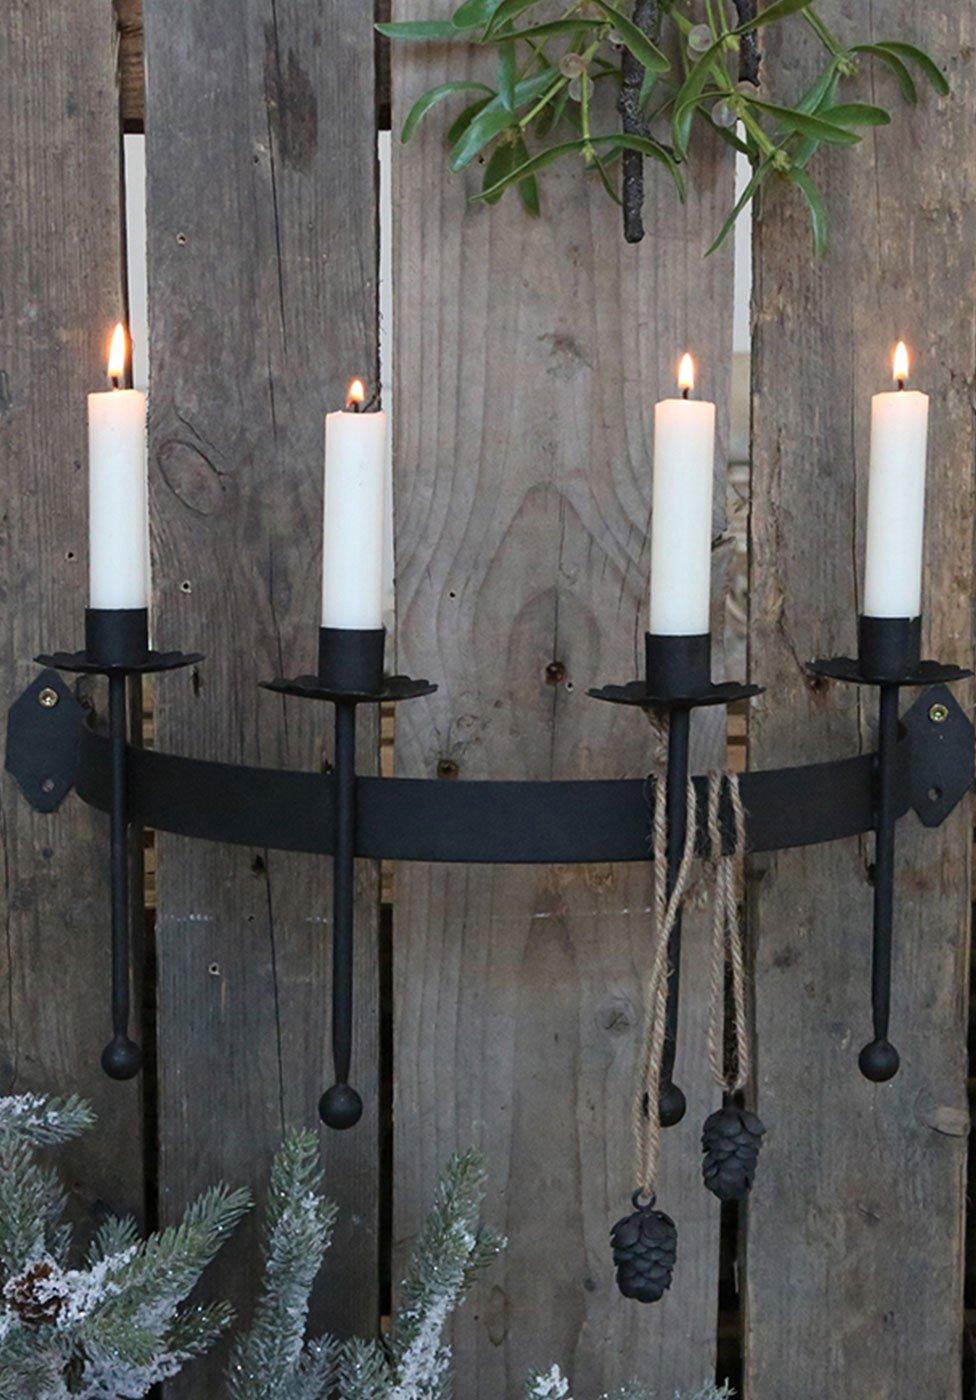 Kerzenhalter und Kerzenständer für Weihnachten, Bild 1